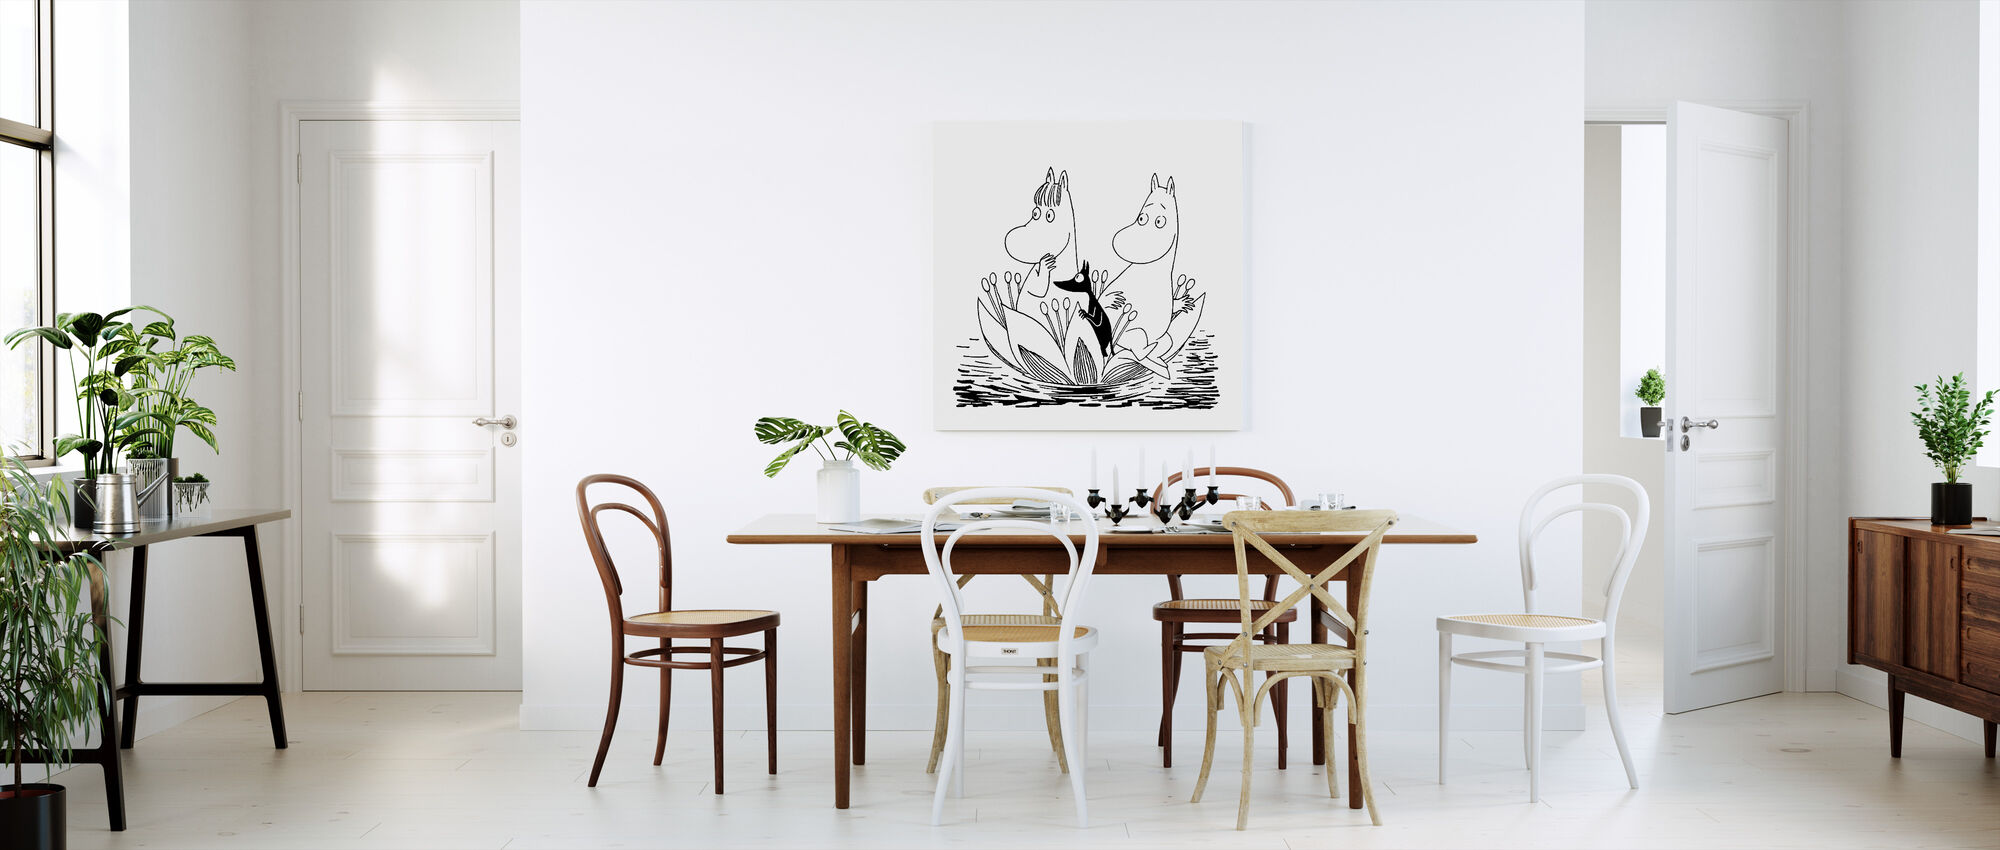 Moomin - Waterlelie Boot - Canvas print - Keuken